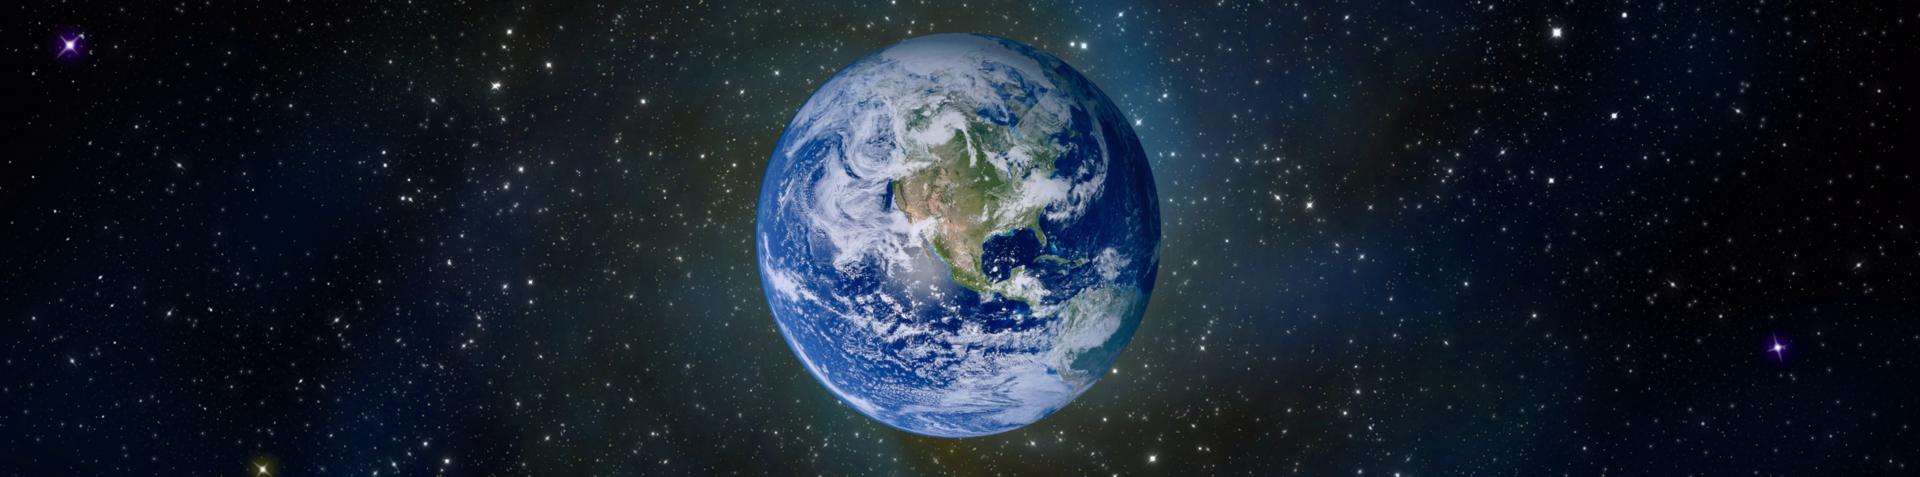 Ist die Welt zu retten?